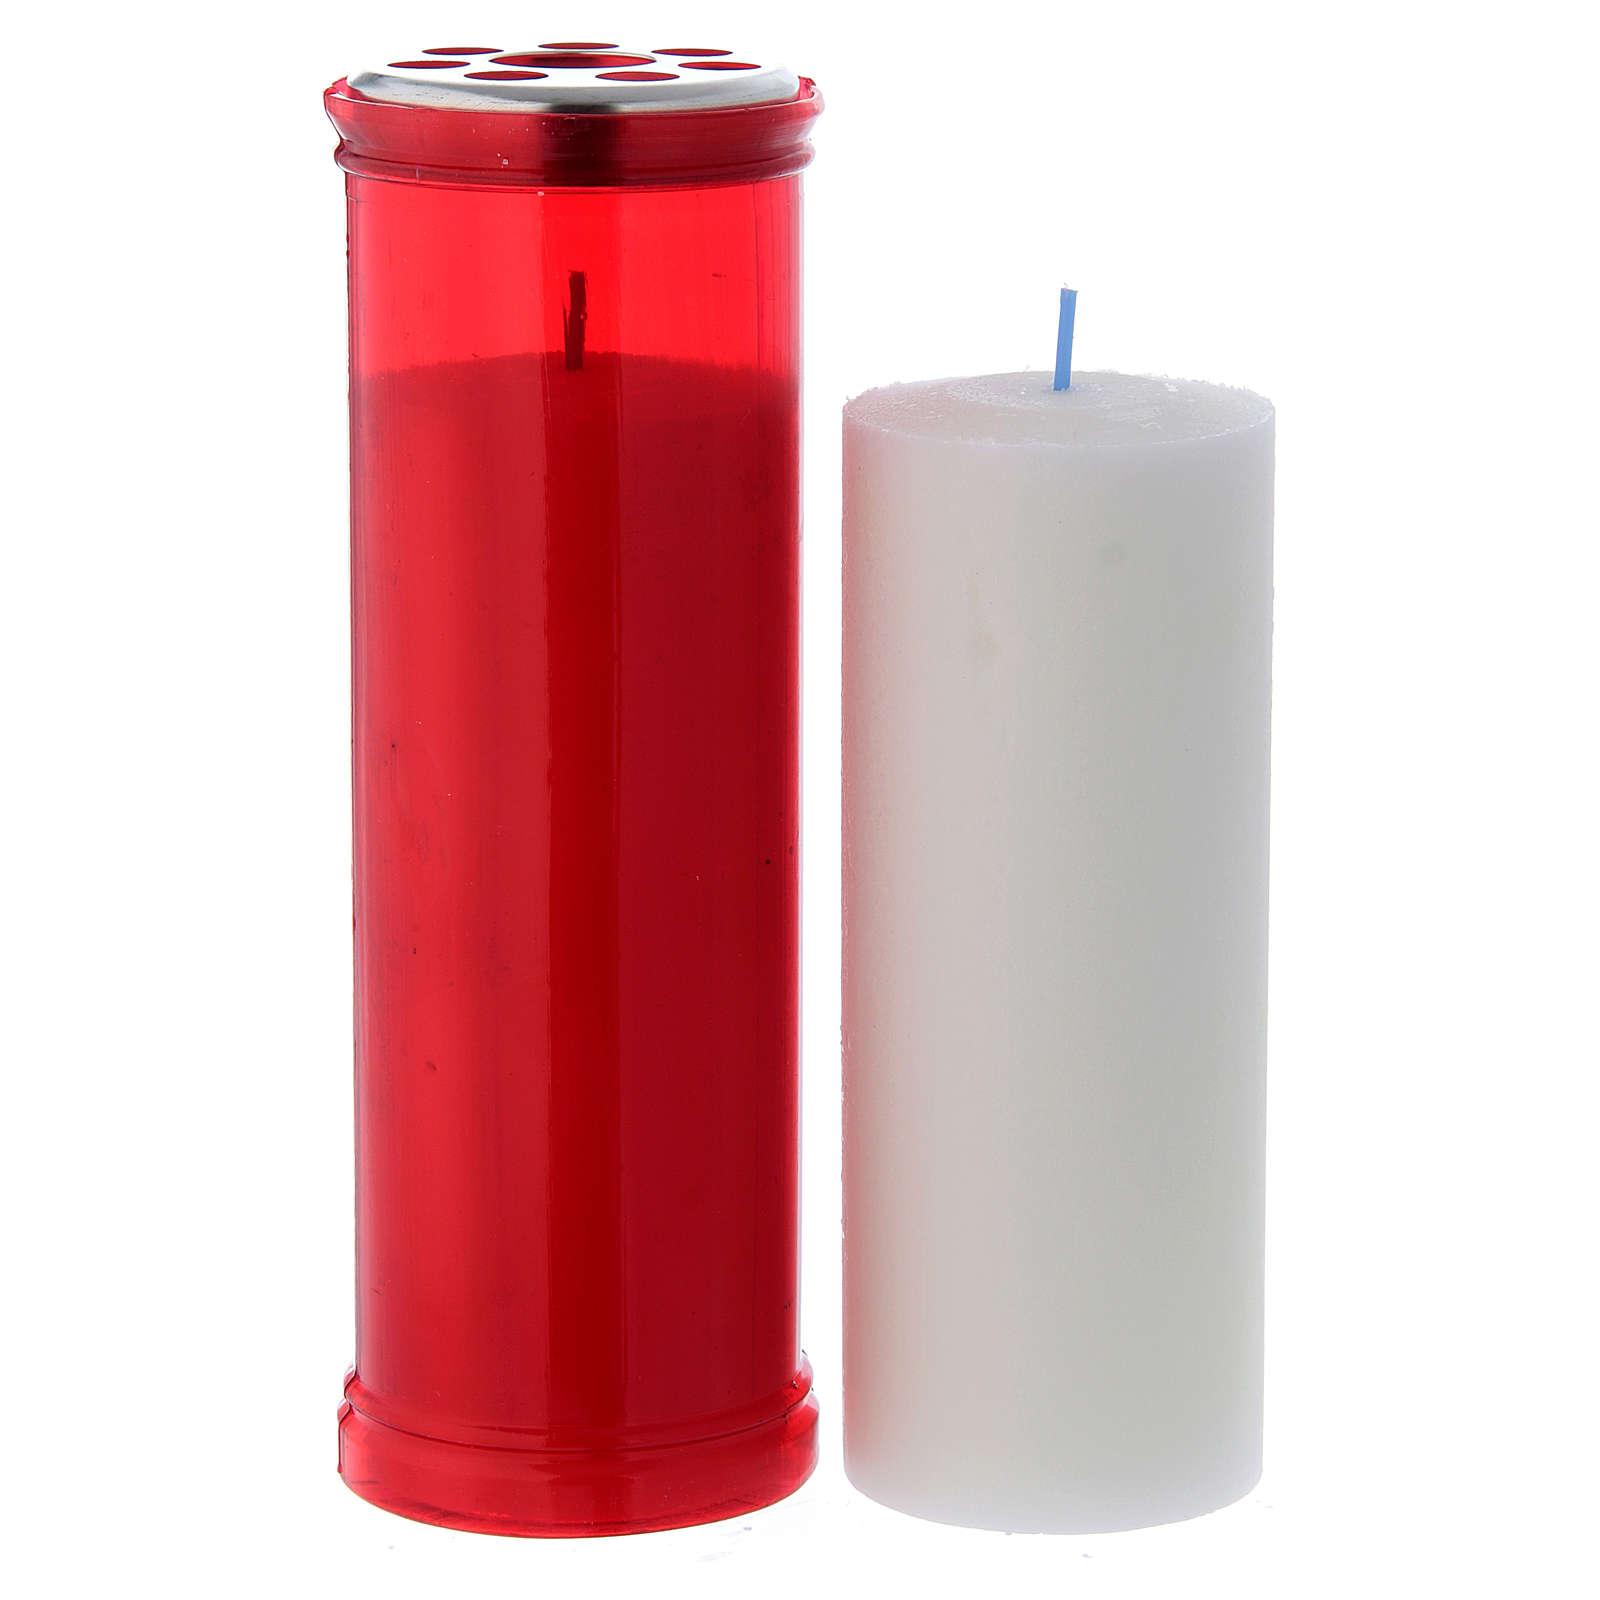 Lampe votive couleur rouge T50 cire blanche 3